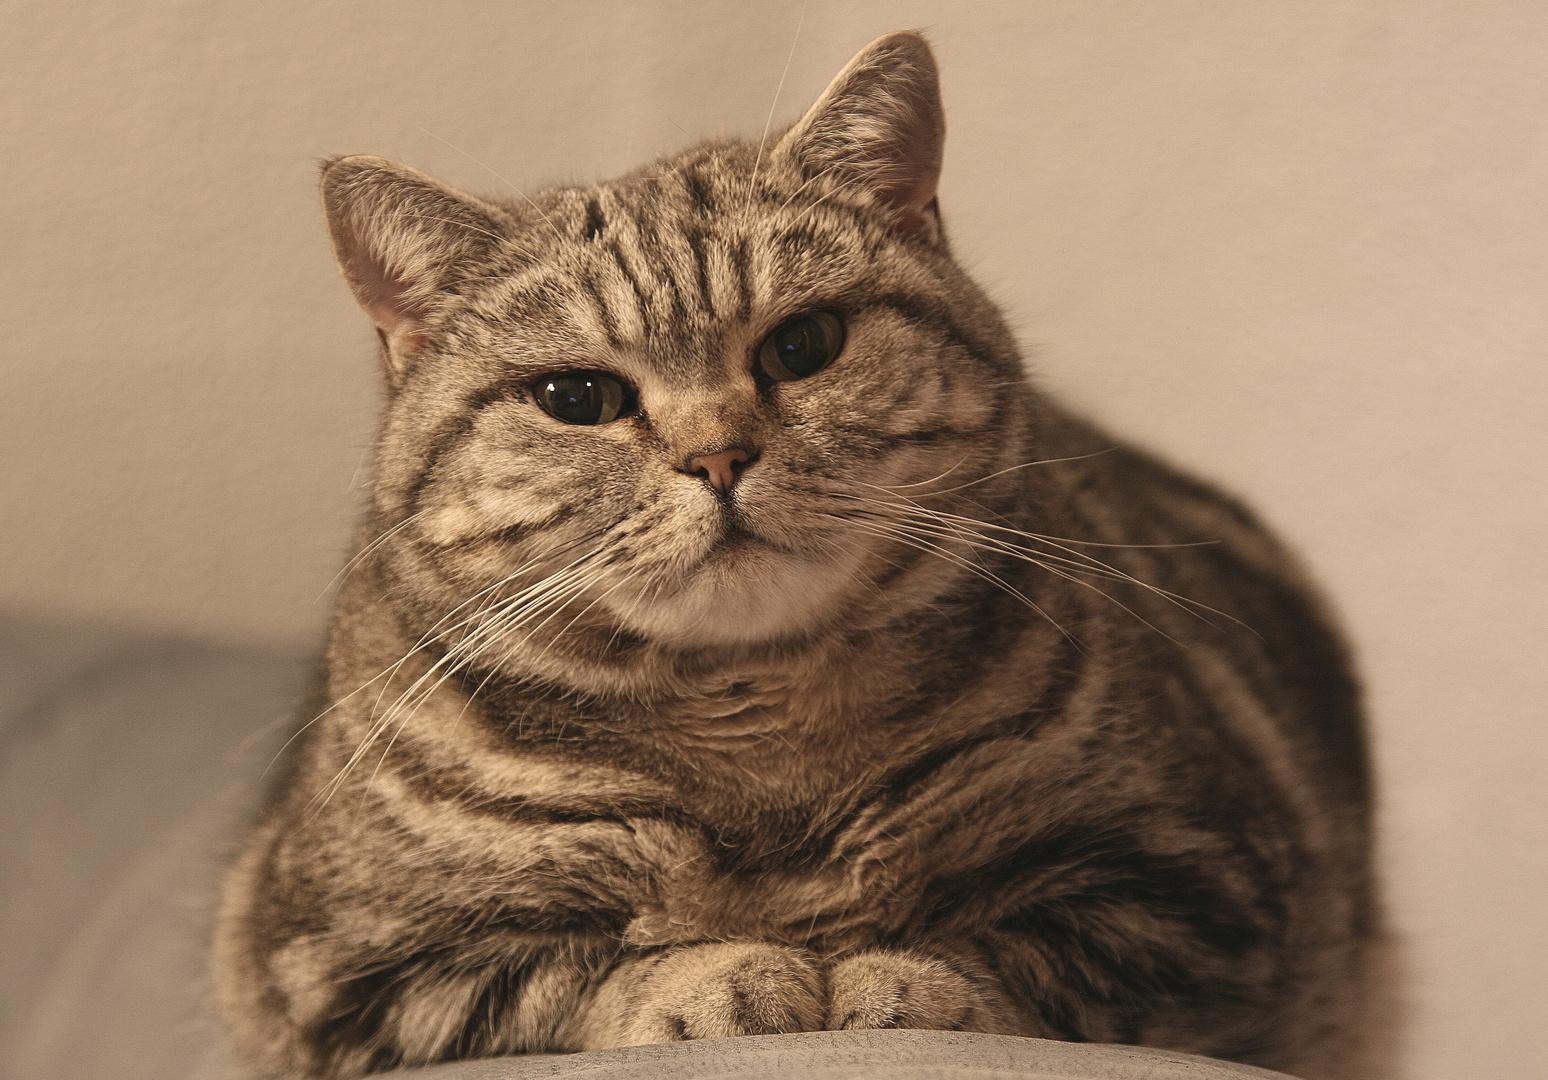 Katze Curly mit Stativ und 1Sek. Belichtung